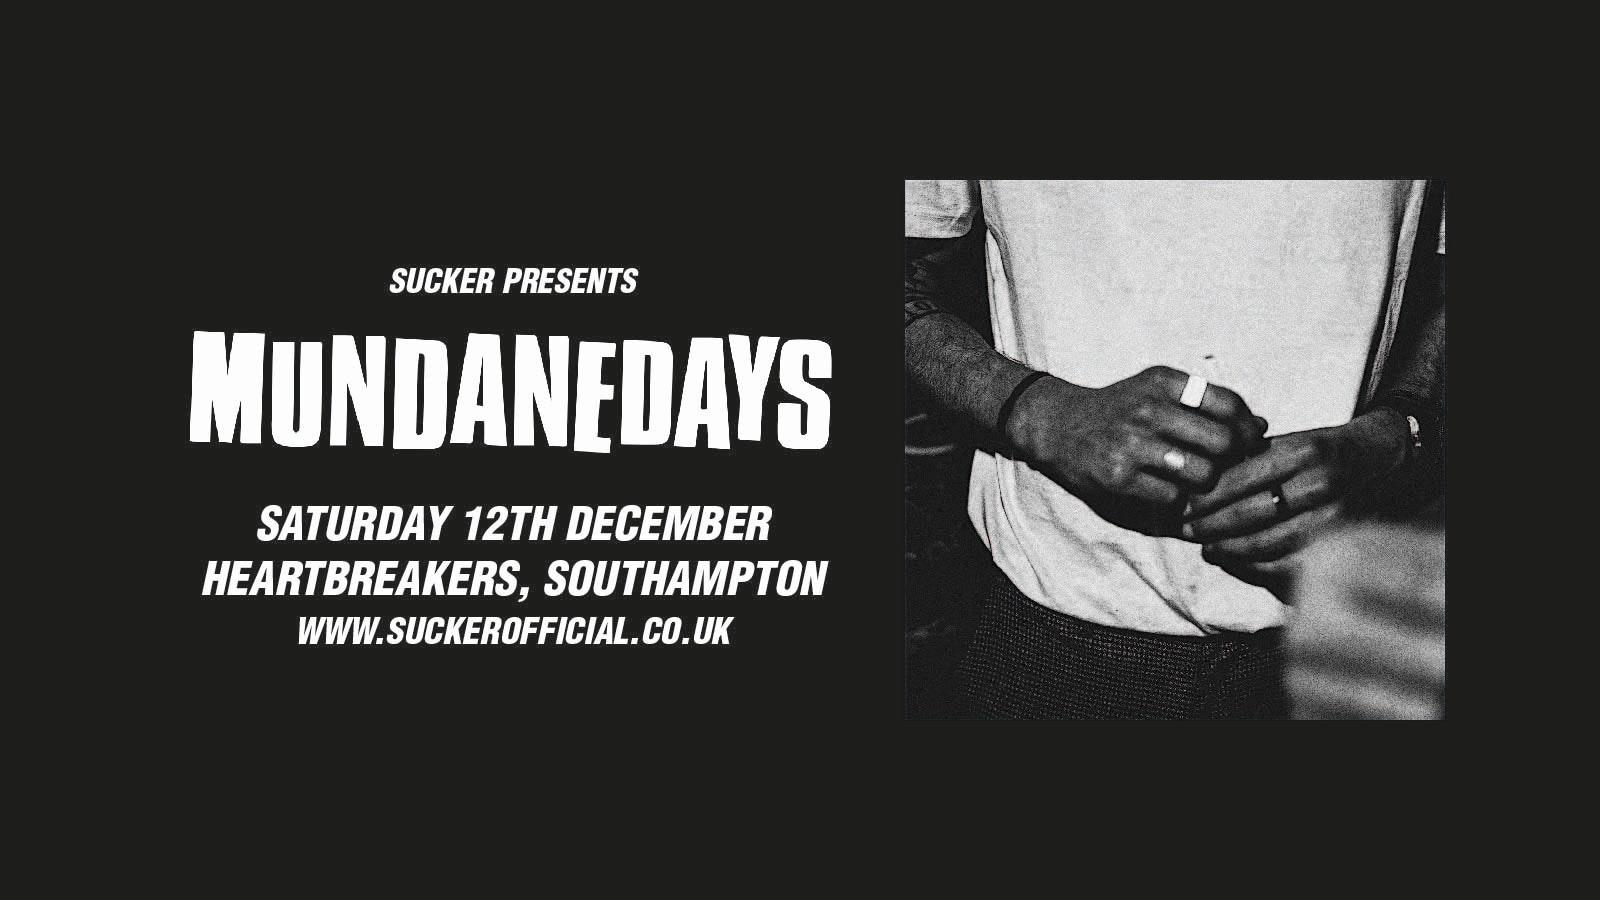 Mundane Days at Heartbreakers, Southampton